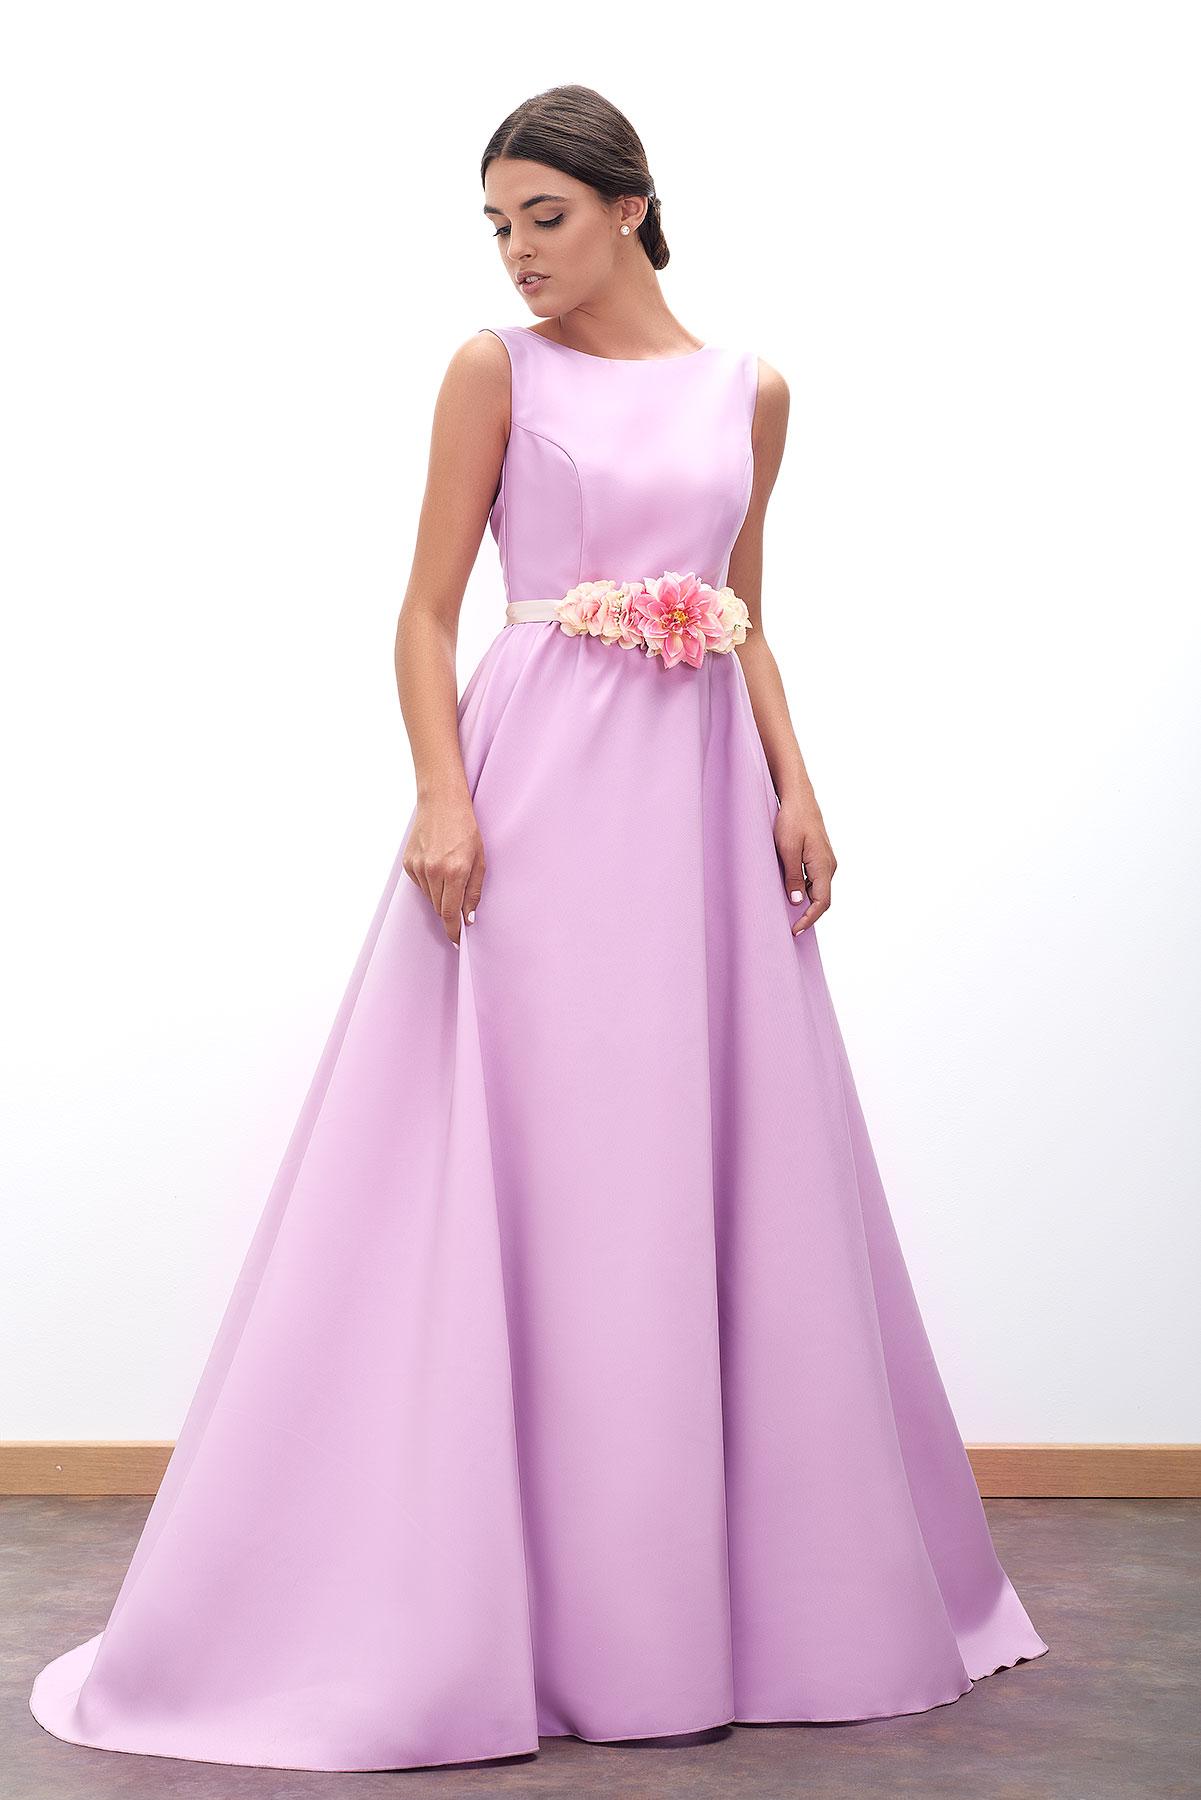 Vestido de fiesta largo malva con cinturón de flores de Fatima Angulo